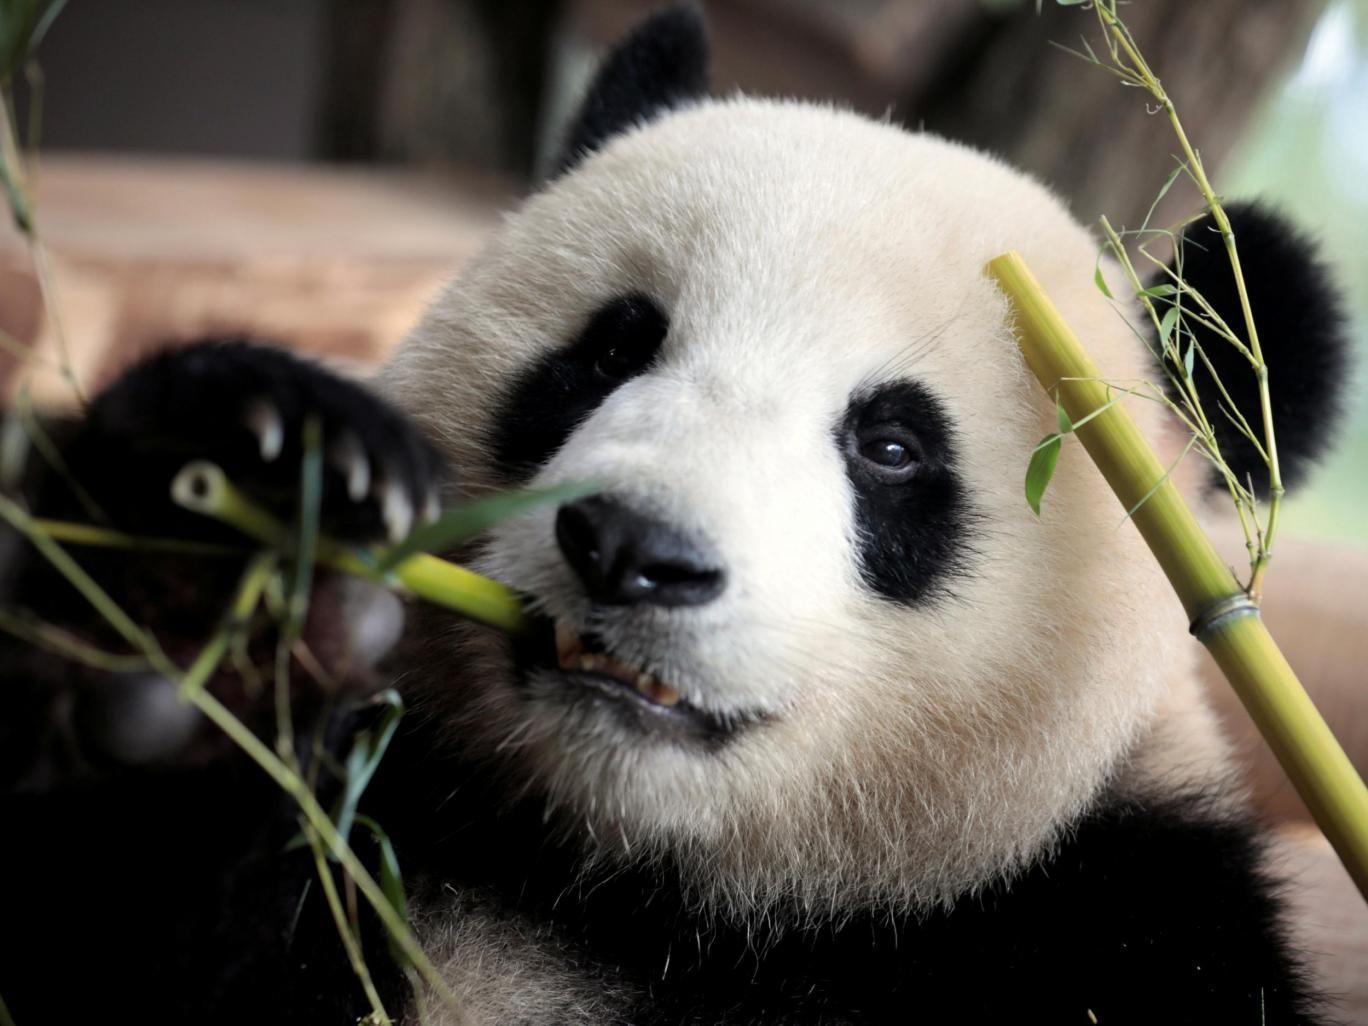 mengmeng_panda